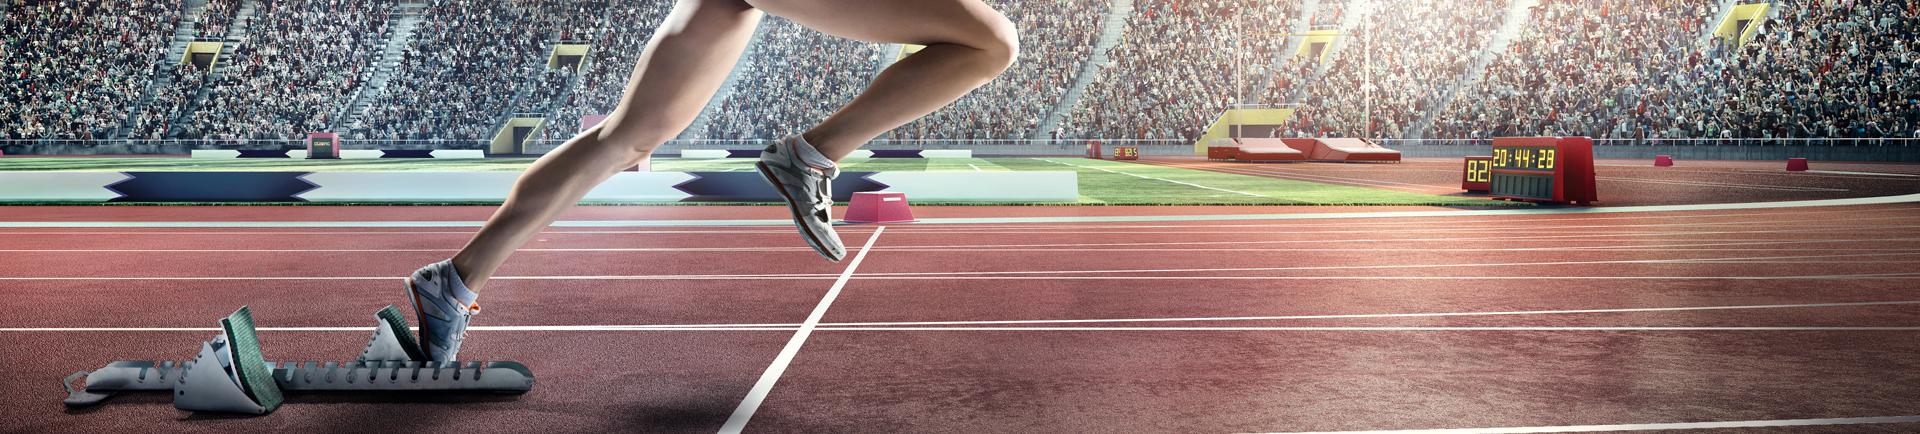 Atleta a correr em pista de tartam